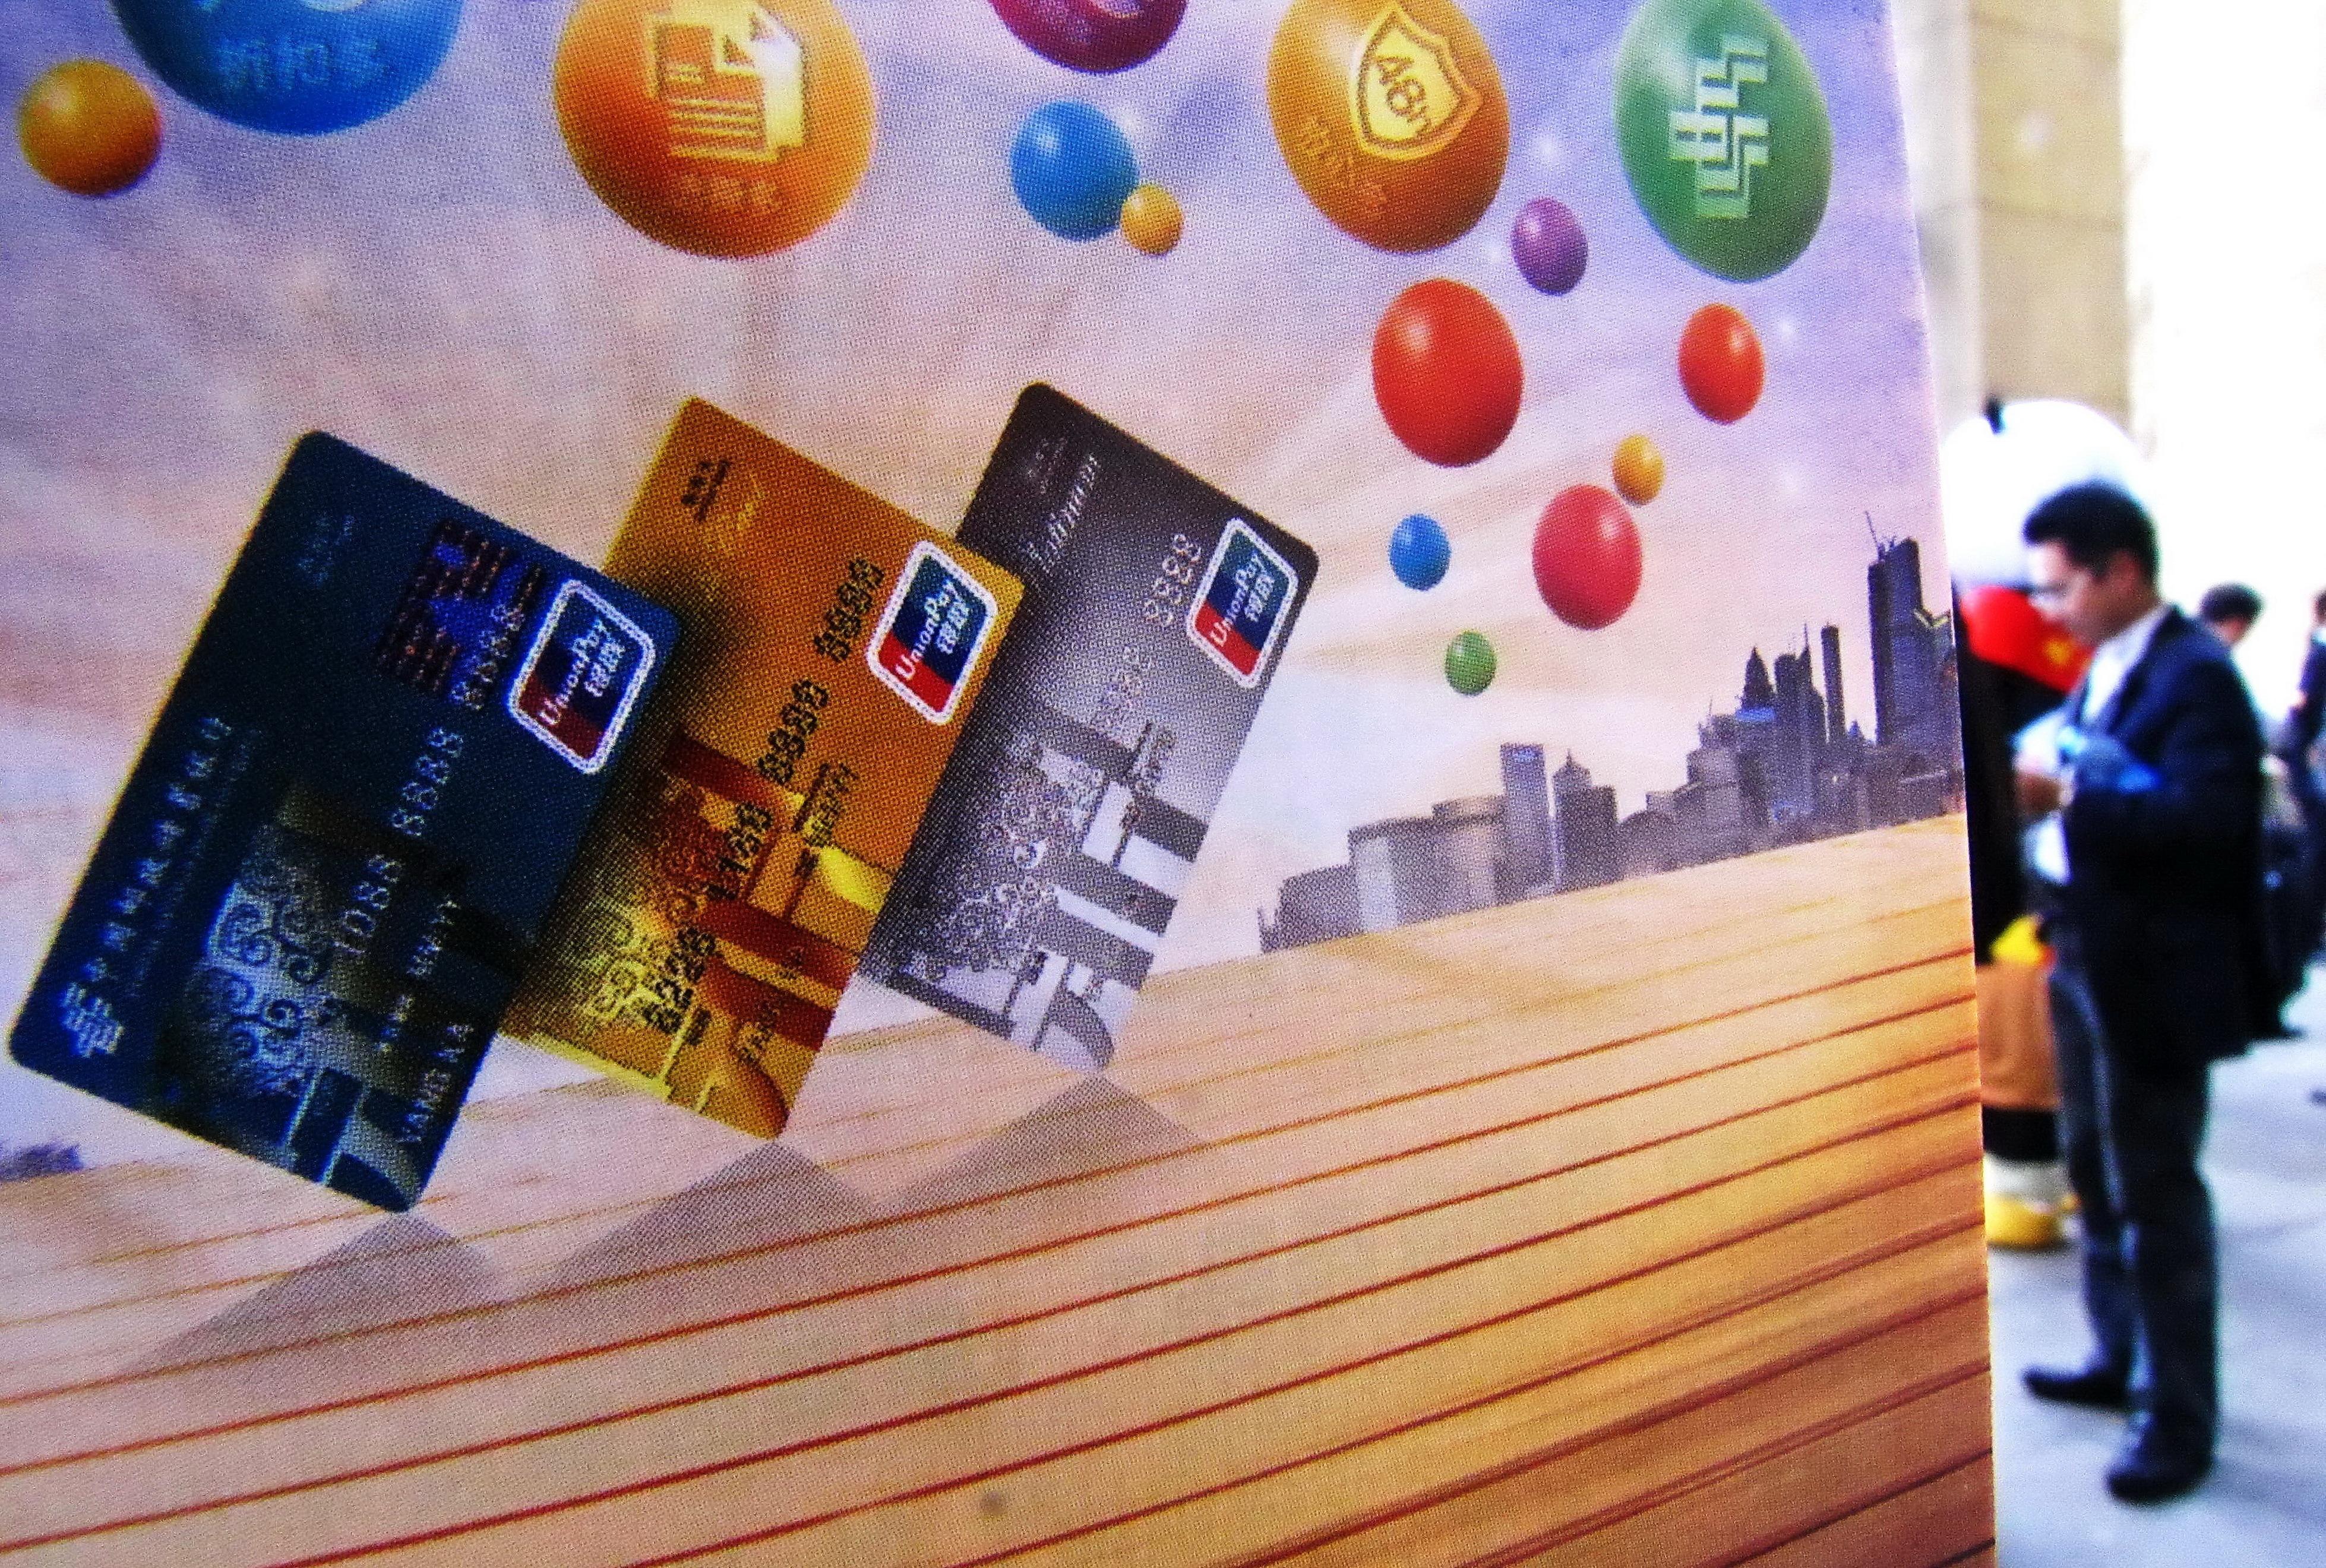 包装银行流水,是成功下卡,提额快的关键所在!